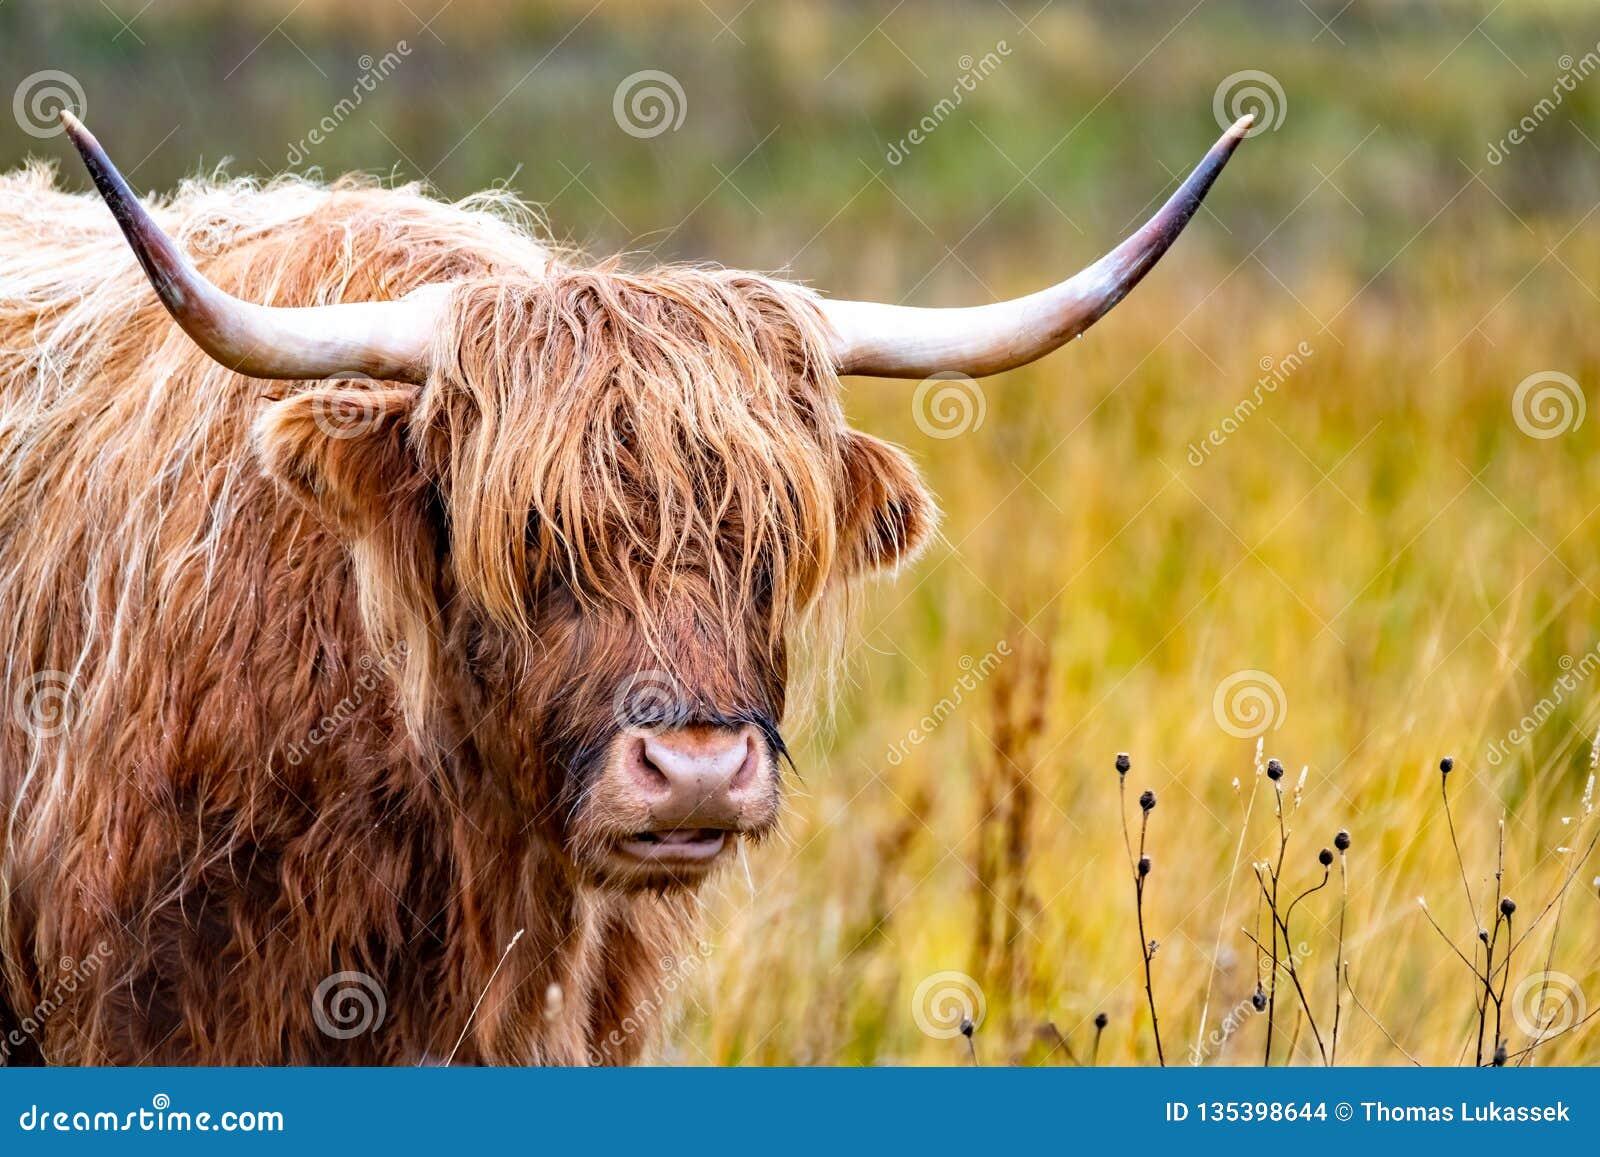 Βοοειδή ορεινών περιοχών - BO Ghaidhealach - γουργούρισμα Heilan - μια σκωτσέζικη φυλή βοοειδών με τα χαρακτηριστικά μακριά κέρατ